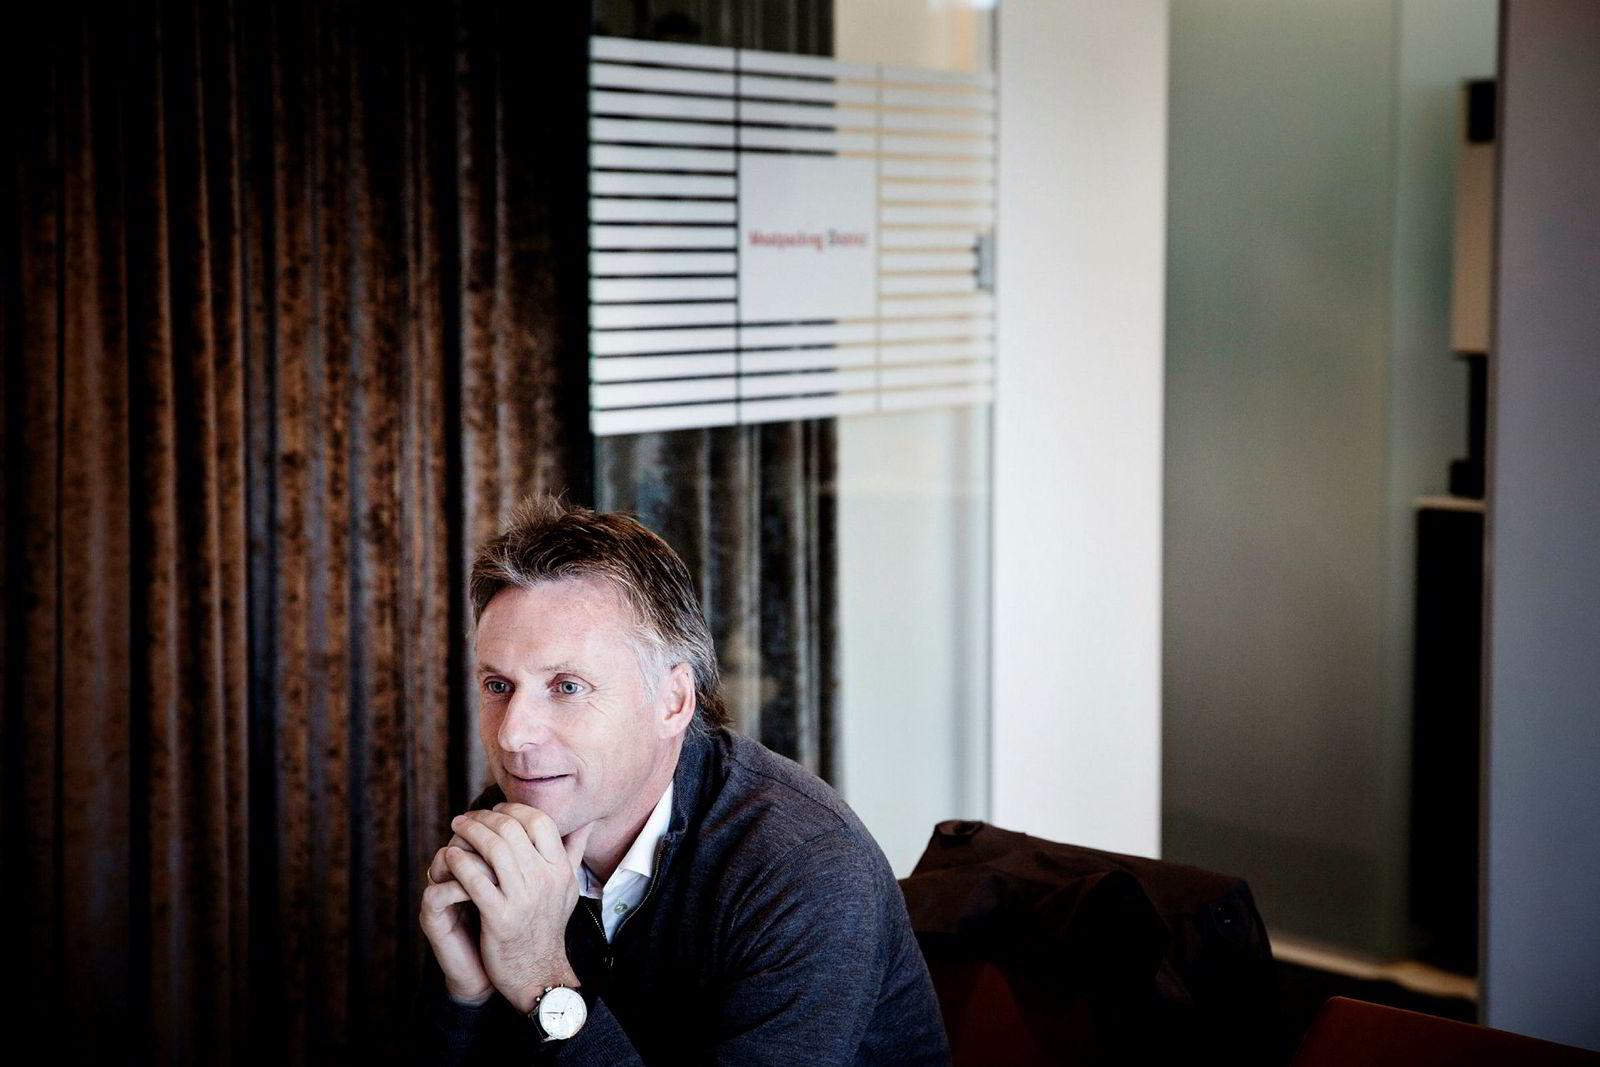 Alfred Ydstebø krever 130 millioner av Petter Smedvig Hagland og sine tidligere partnere Kjetil Andersen og Thomas Mjeldheim.